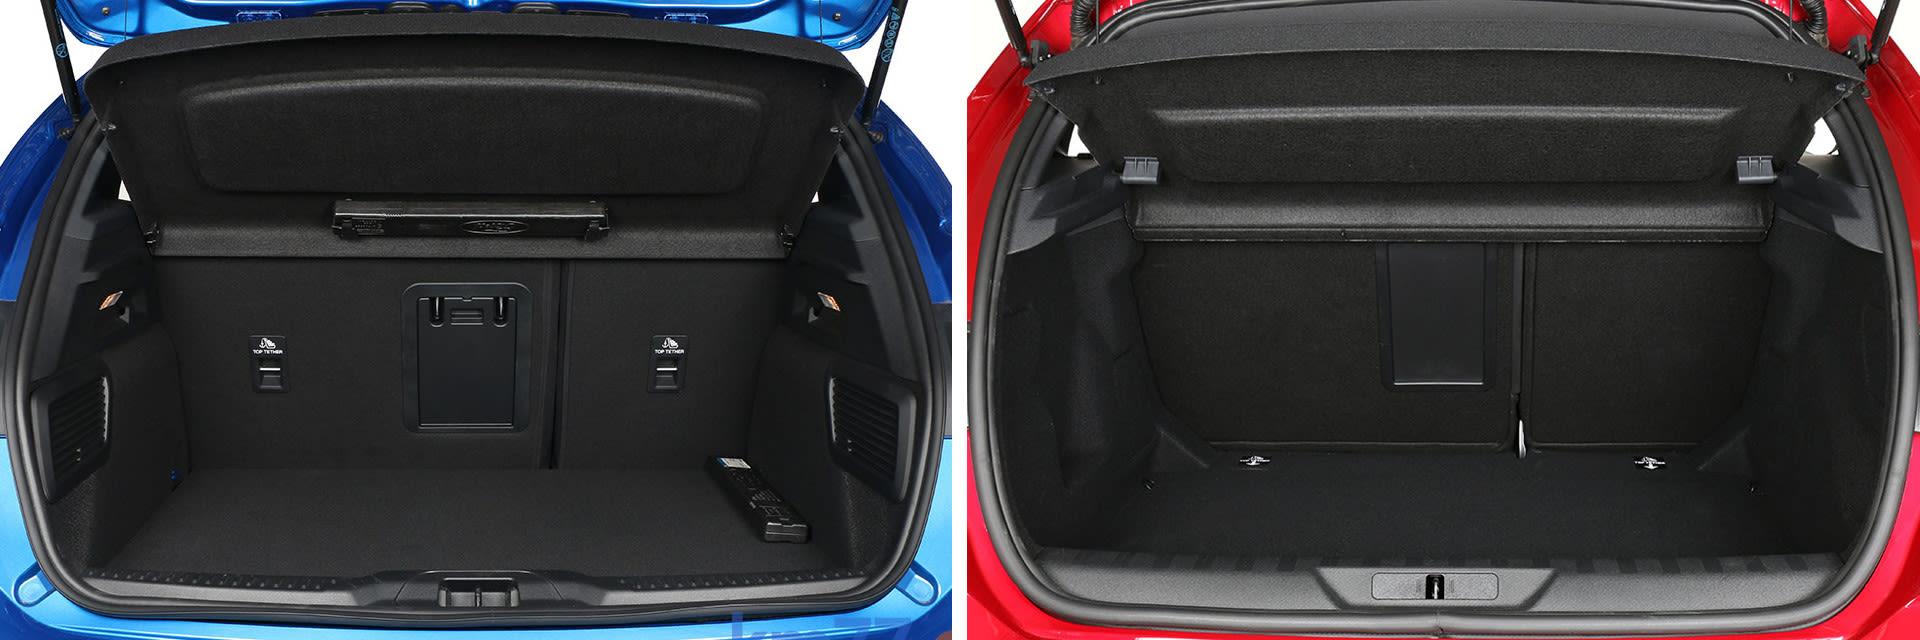 El maletero del Ford Focus (izq.) tiene una capacidad de 375 litros; el del Peugeot 308 (dcha.) es de 398 litros.